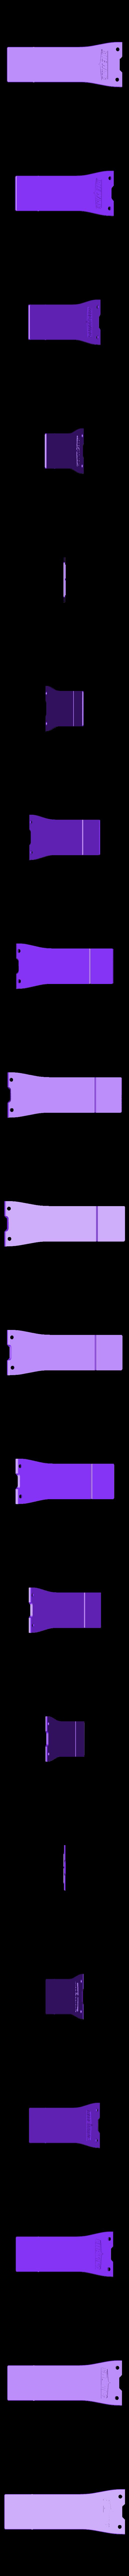 Front_Bay_Cover_RW_Logo.stl Descargar archivo STL Ritewing Nano Drak Print Bundle • Objeto imprimible en 3D, RobsLoco